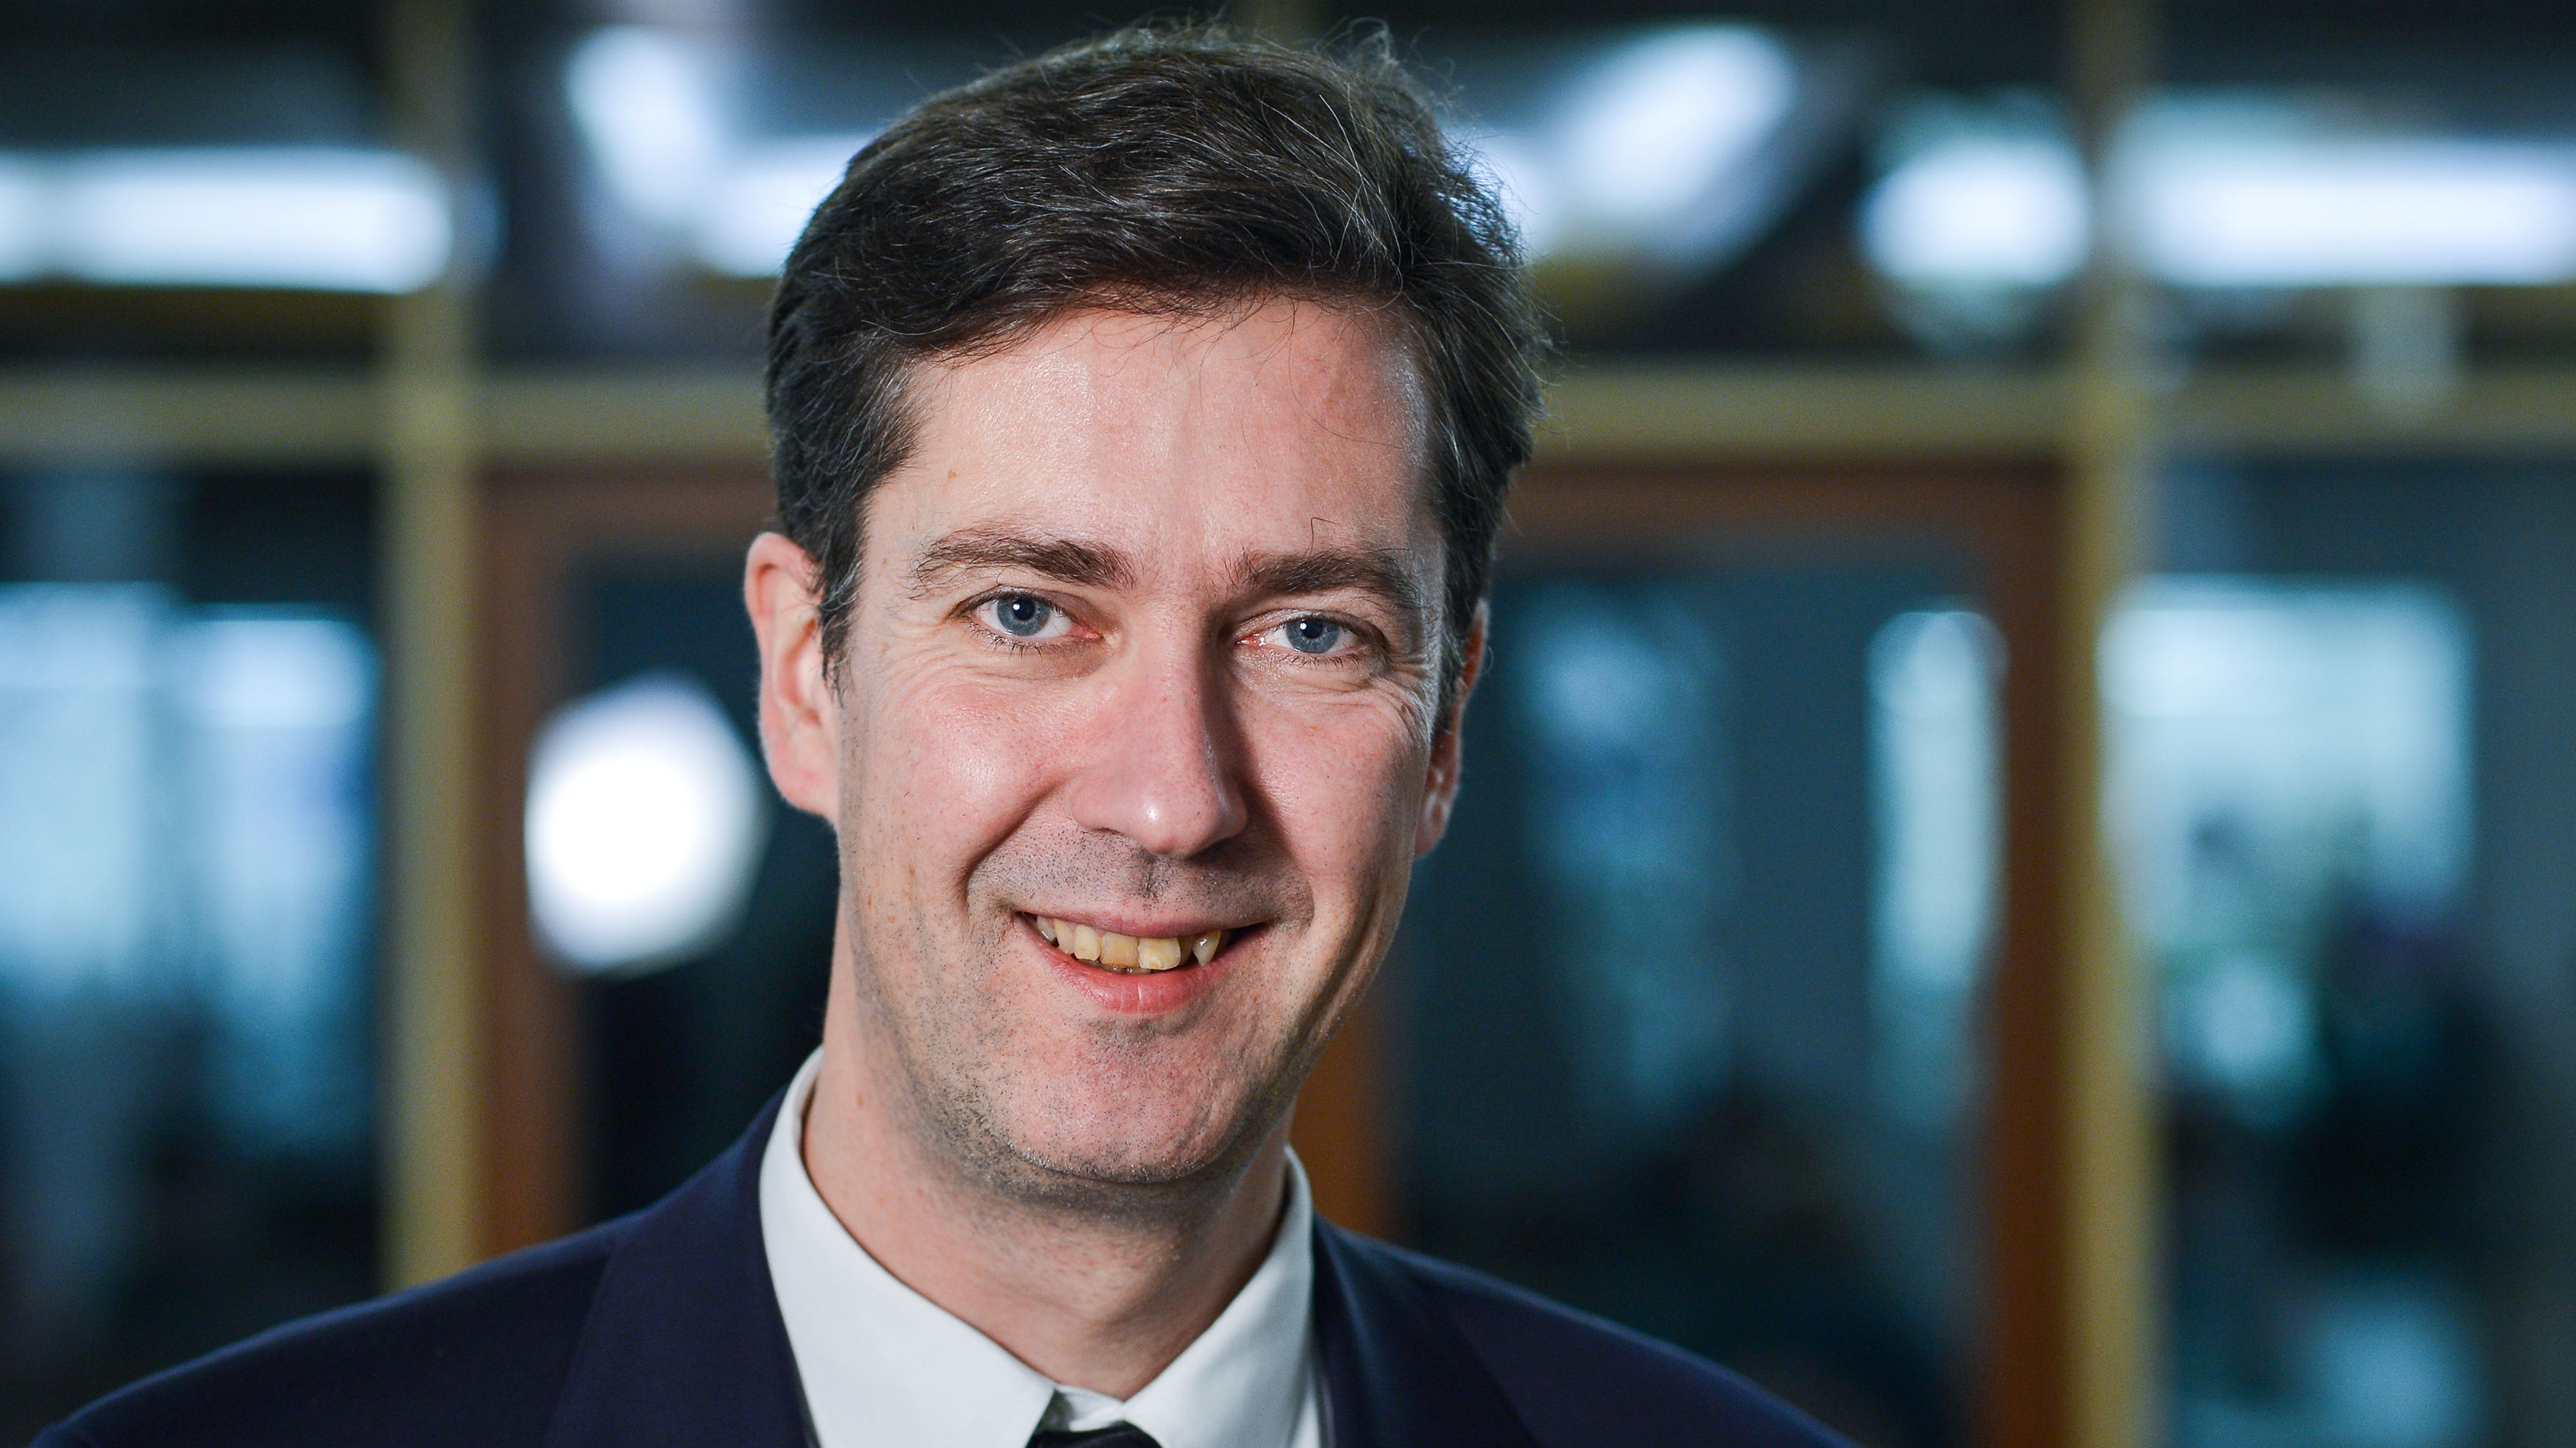 Christian Schuchardt (CDU)